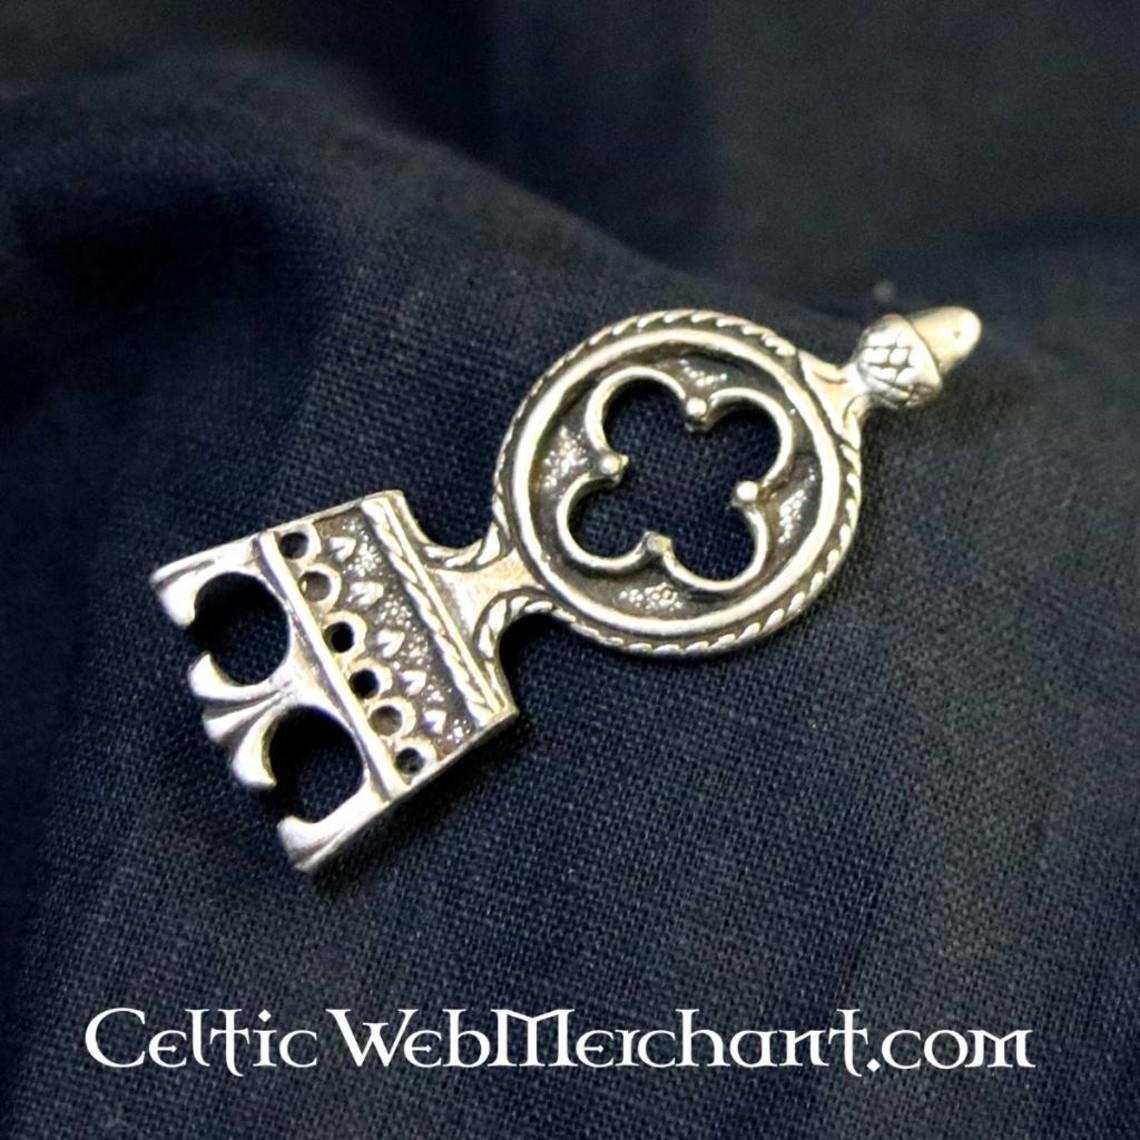 Cinturón gótico extremo 3 cm, plateado